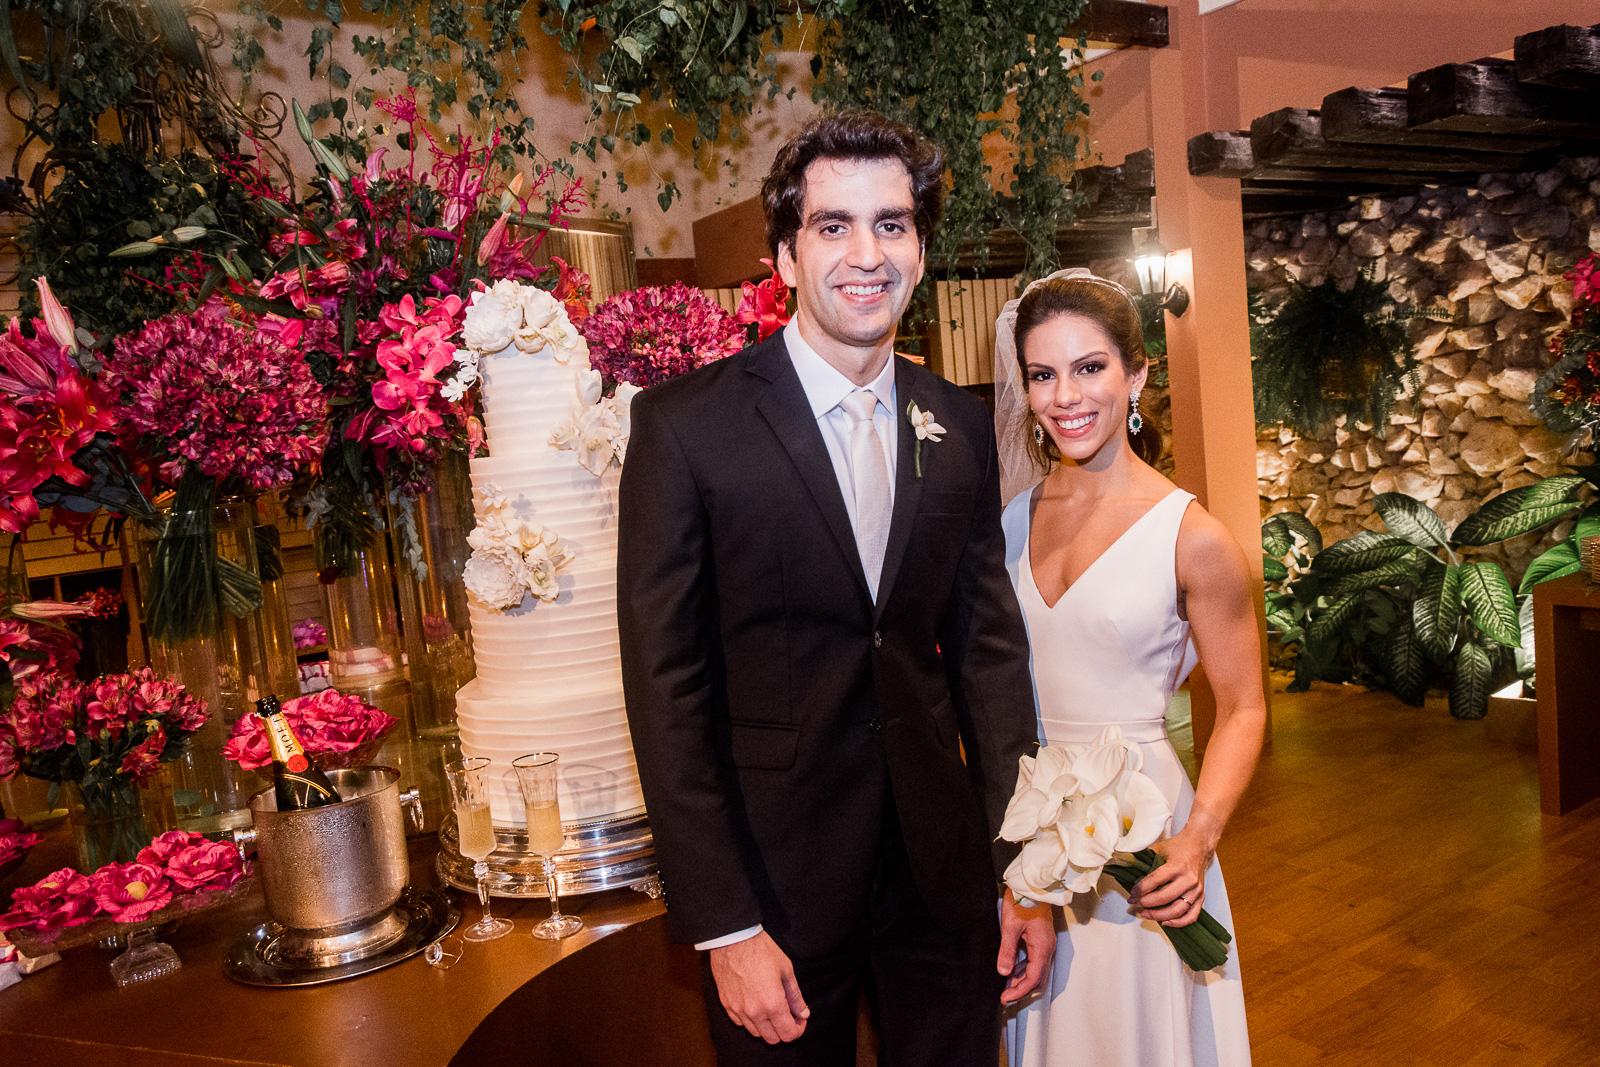 Chic e intimista! Foi assim a cerimônia de casamento de Manuela Rolim e Raphael Nogueira